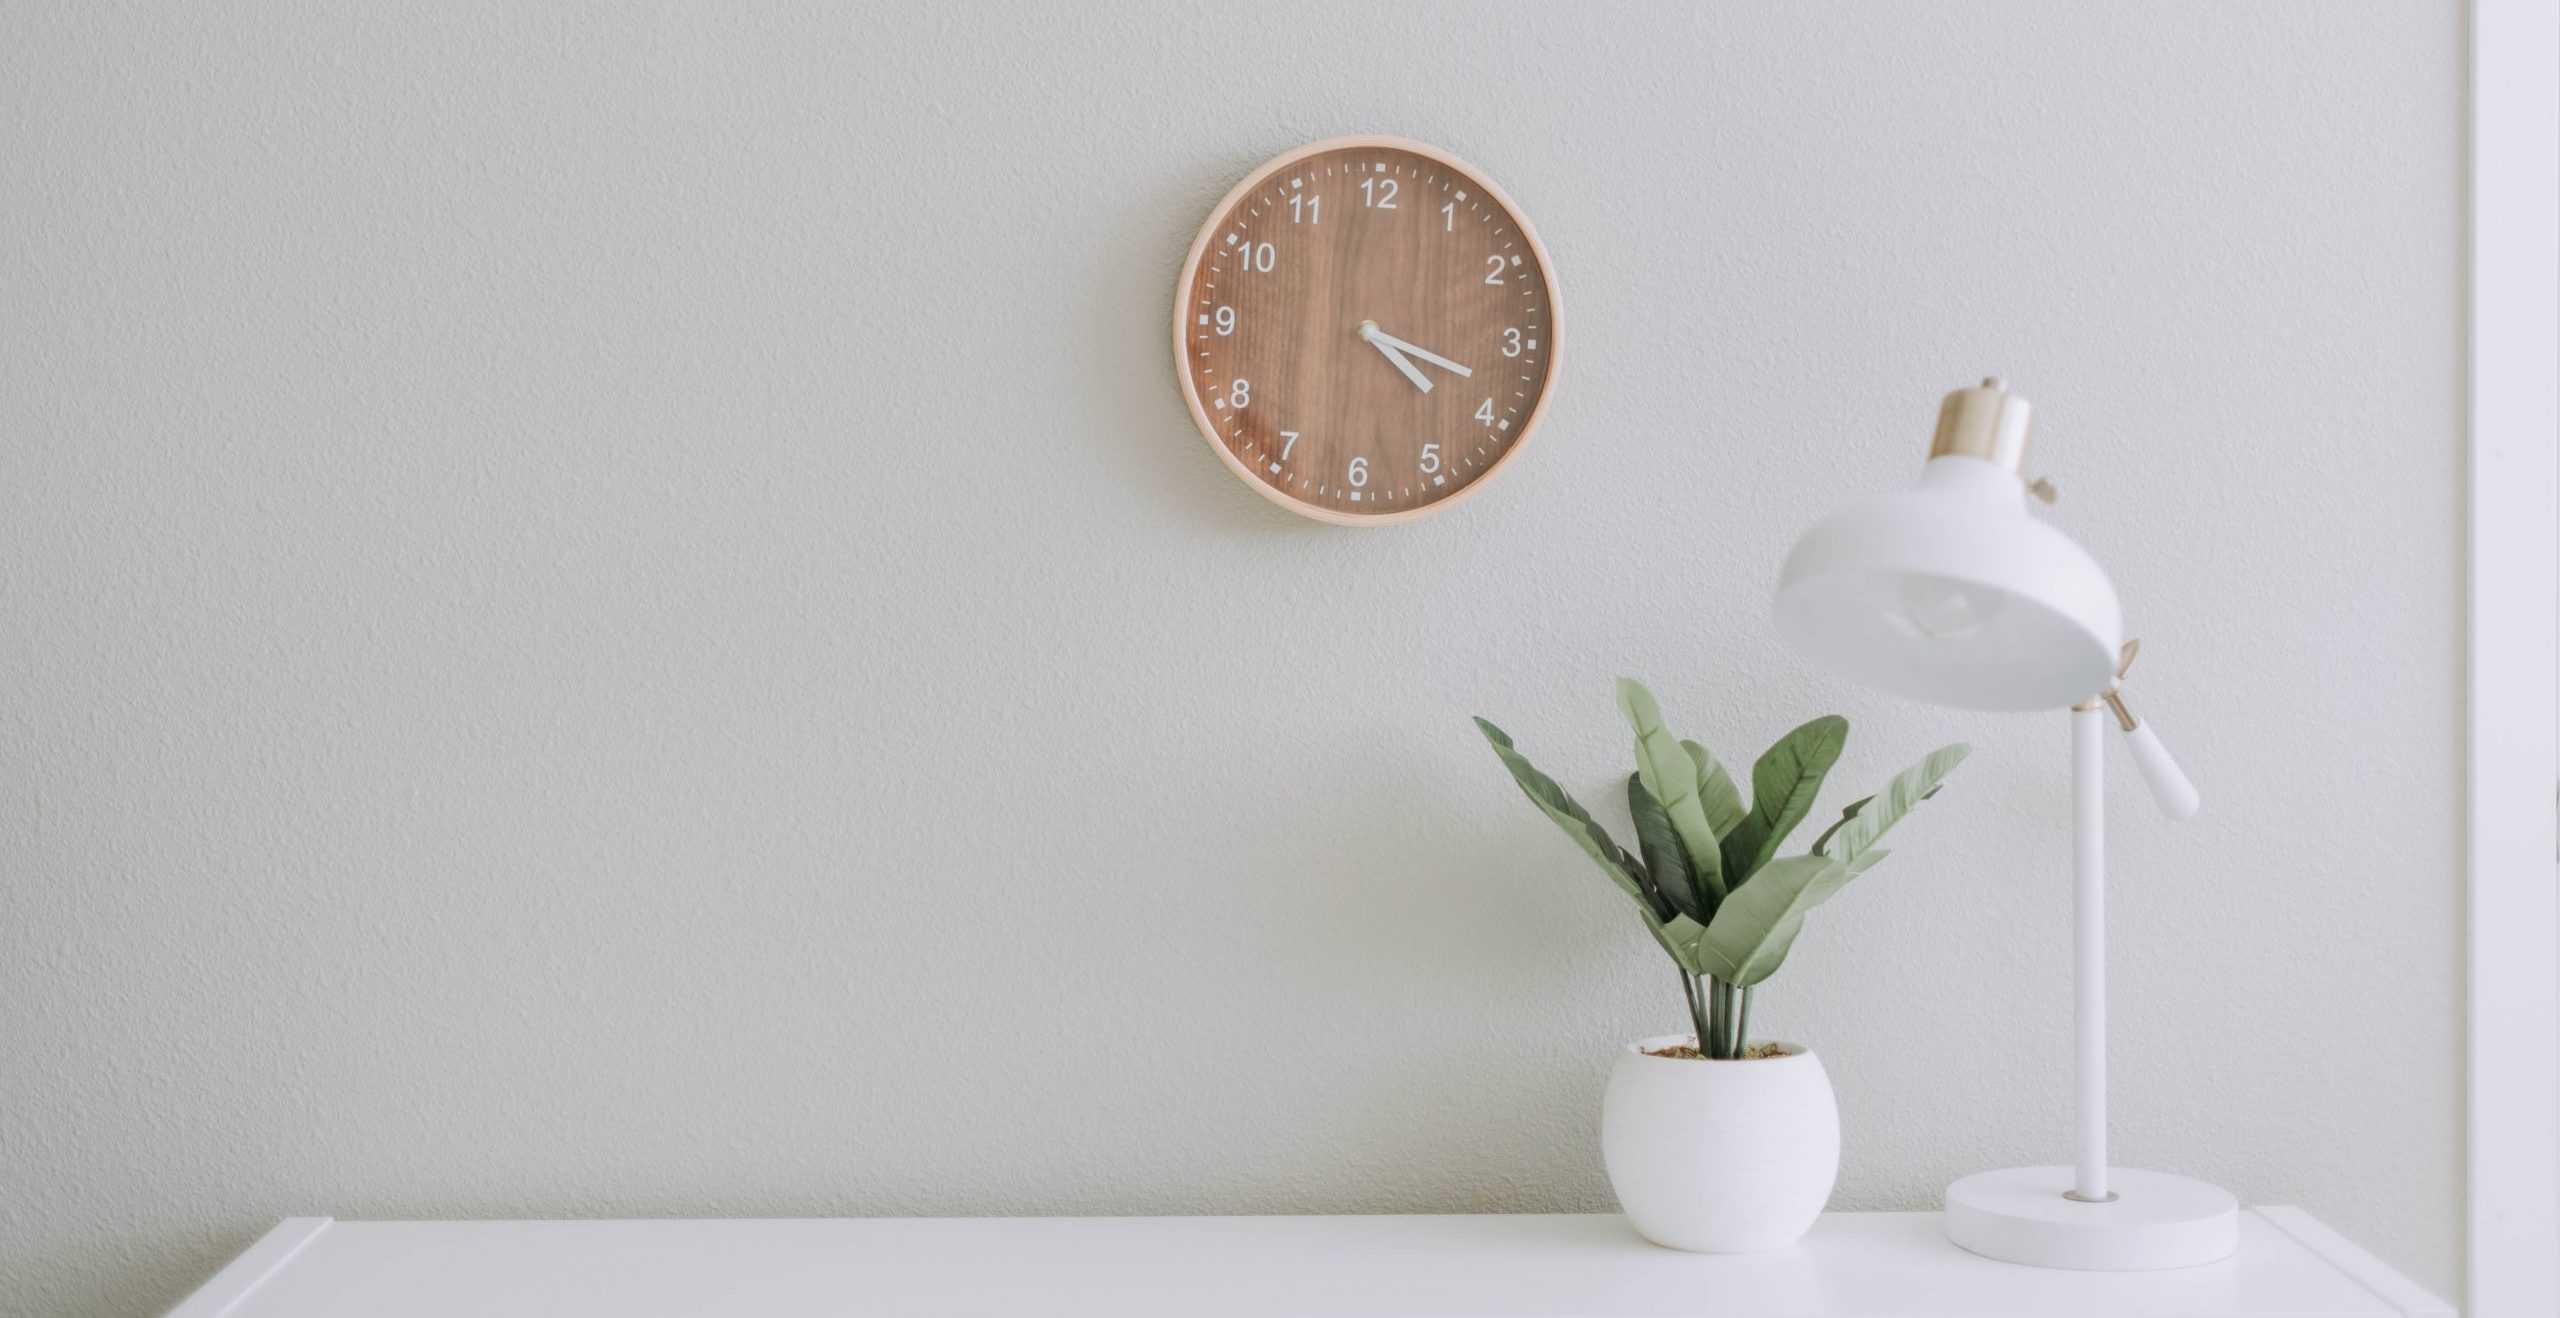 minimalisme minder doen en meer bereiken. Houd het simpel